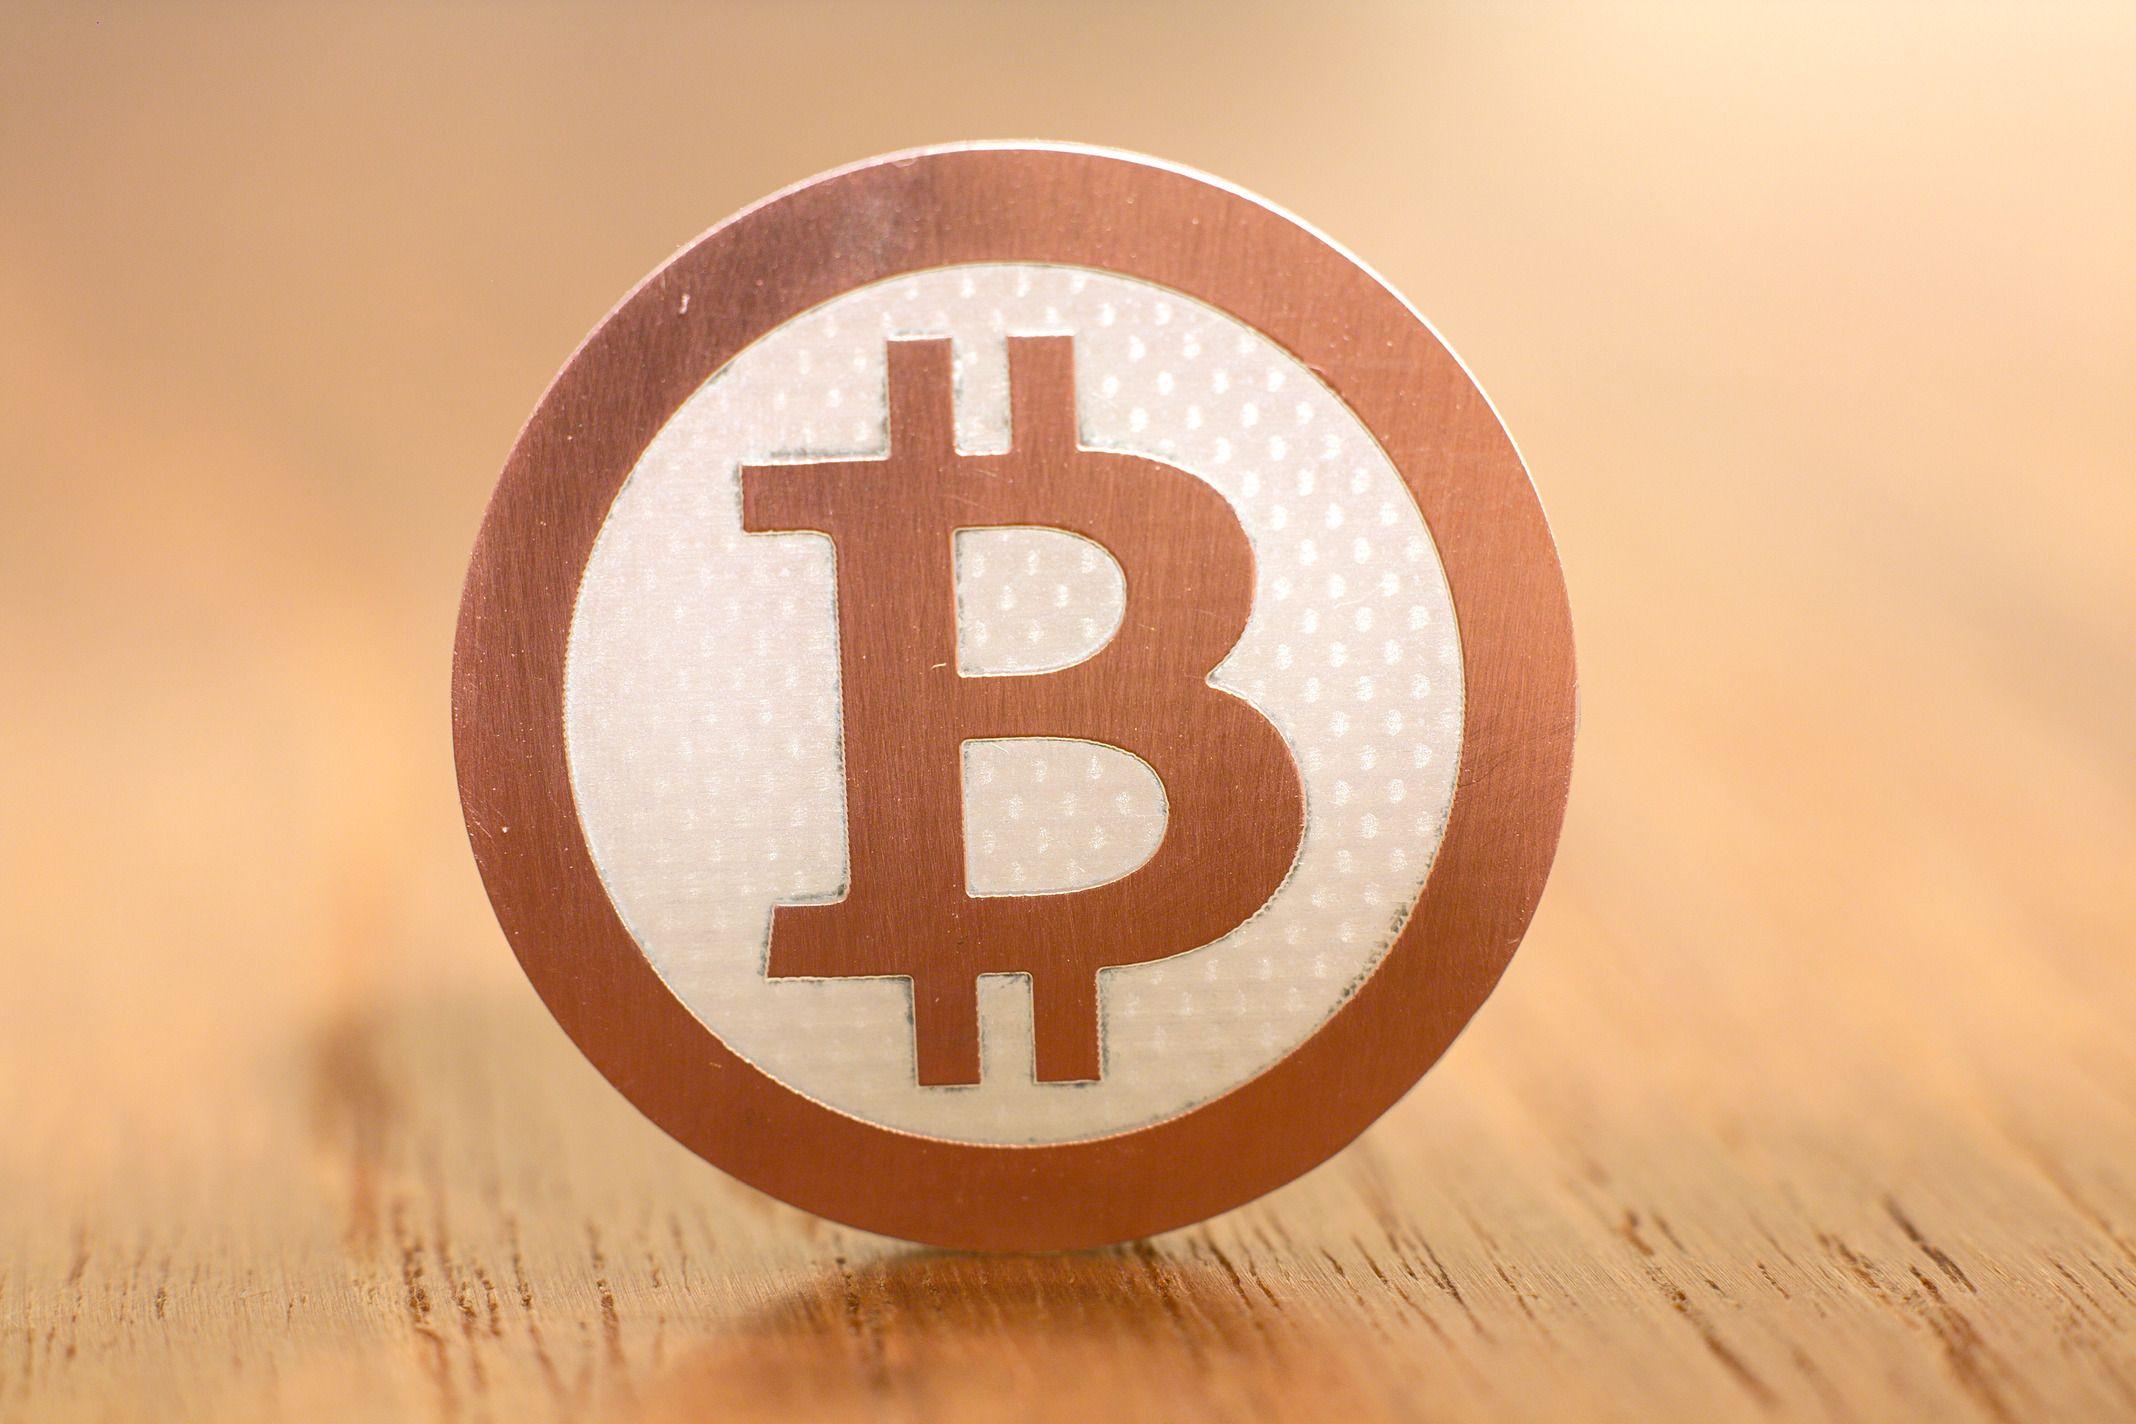 Cambridge Bitcoin